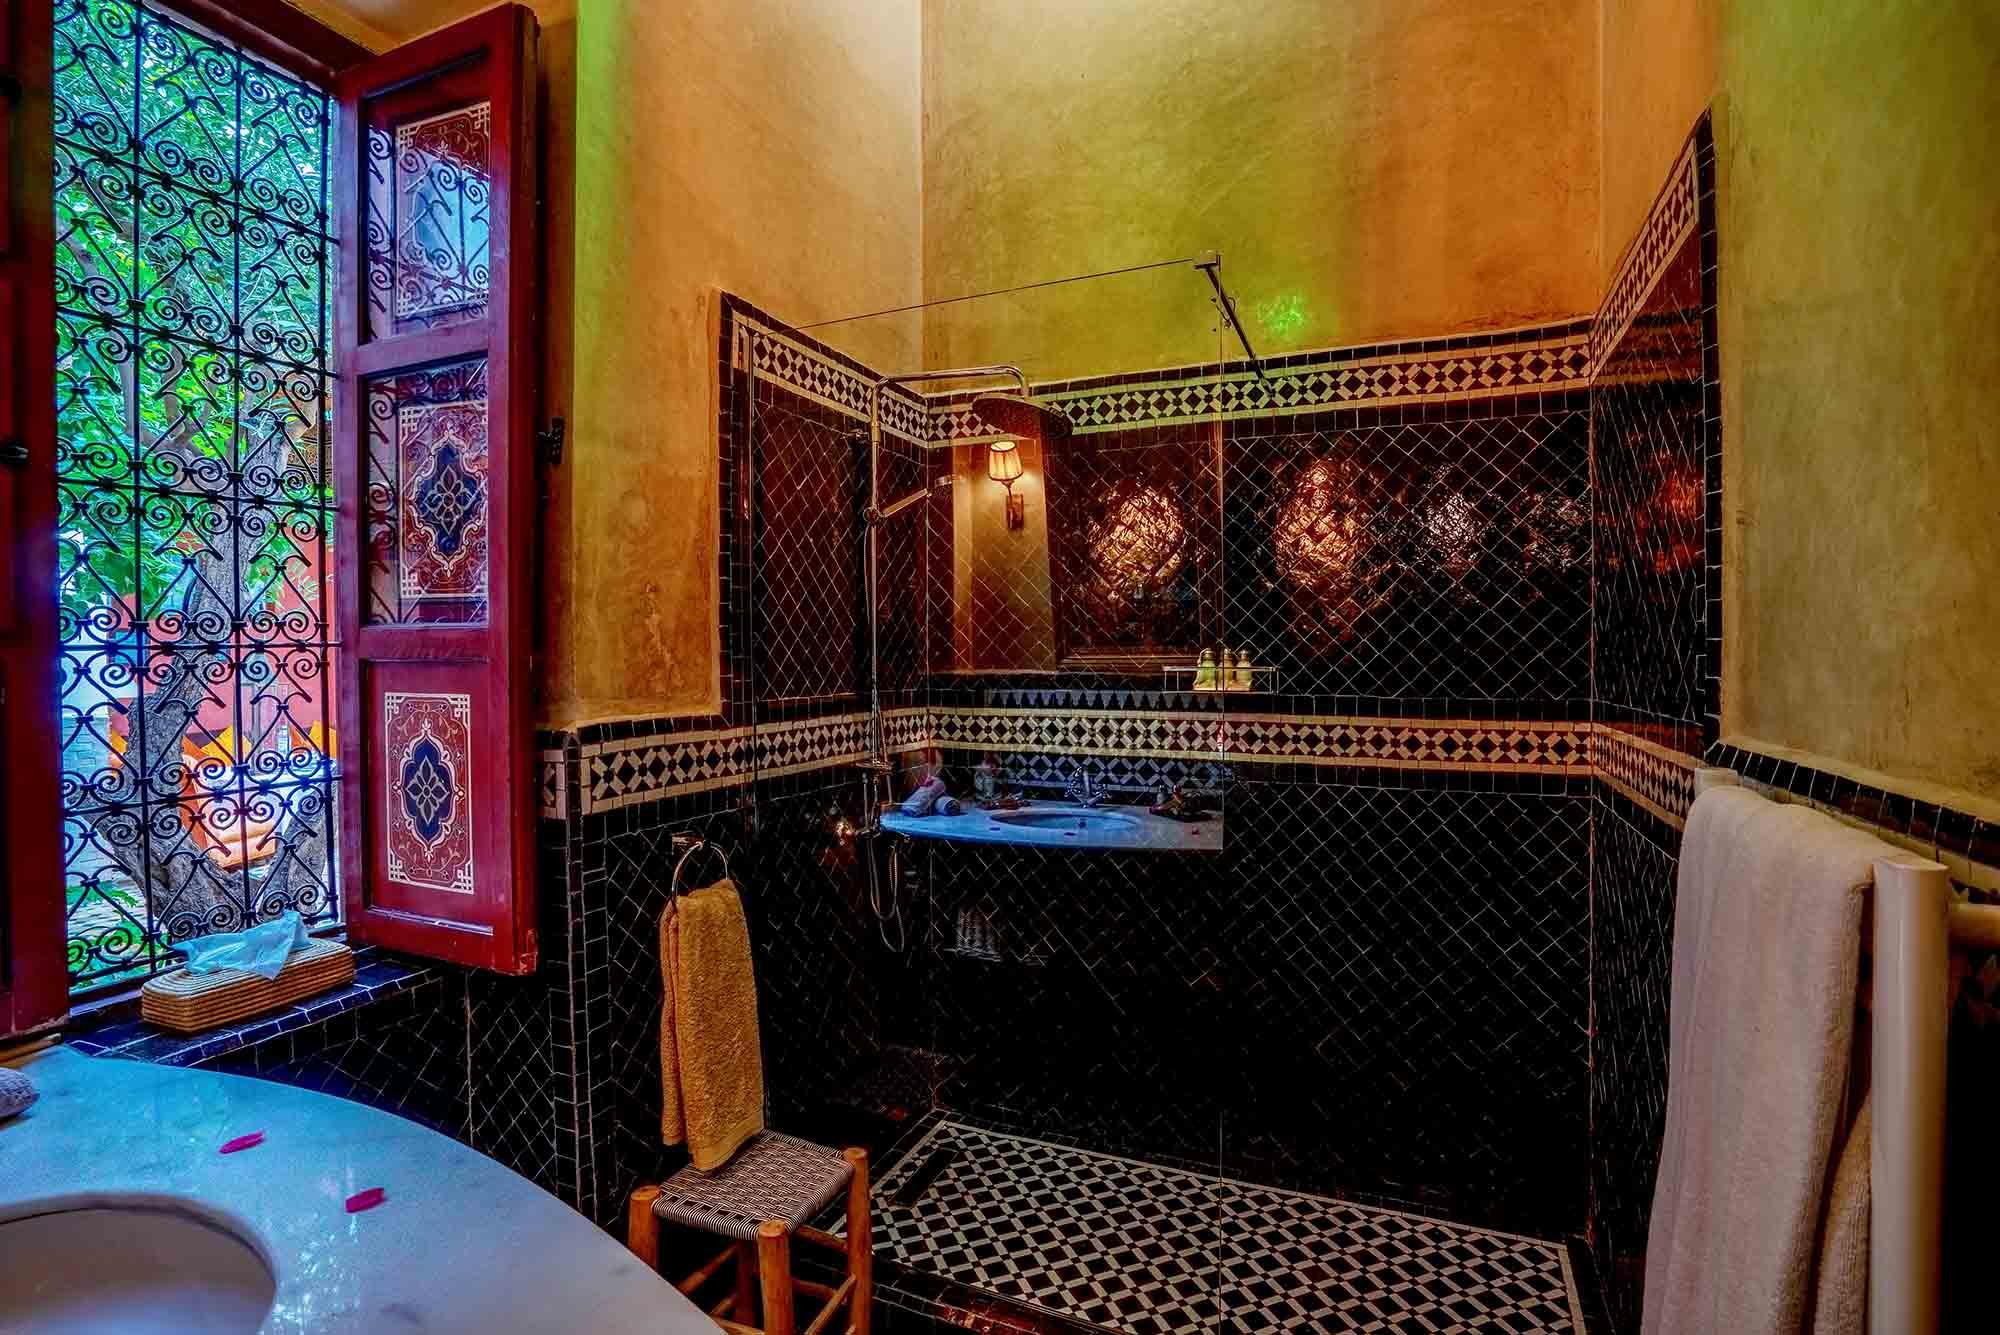 02. riad-ayadina-marrakech-chambre-atinea-salle-de-bain-fr